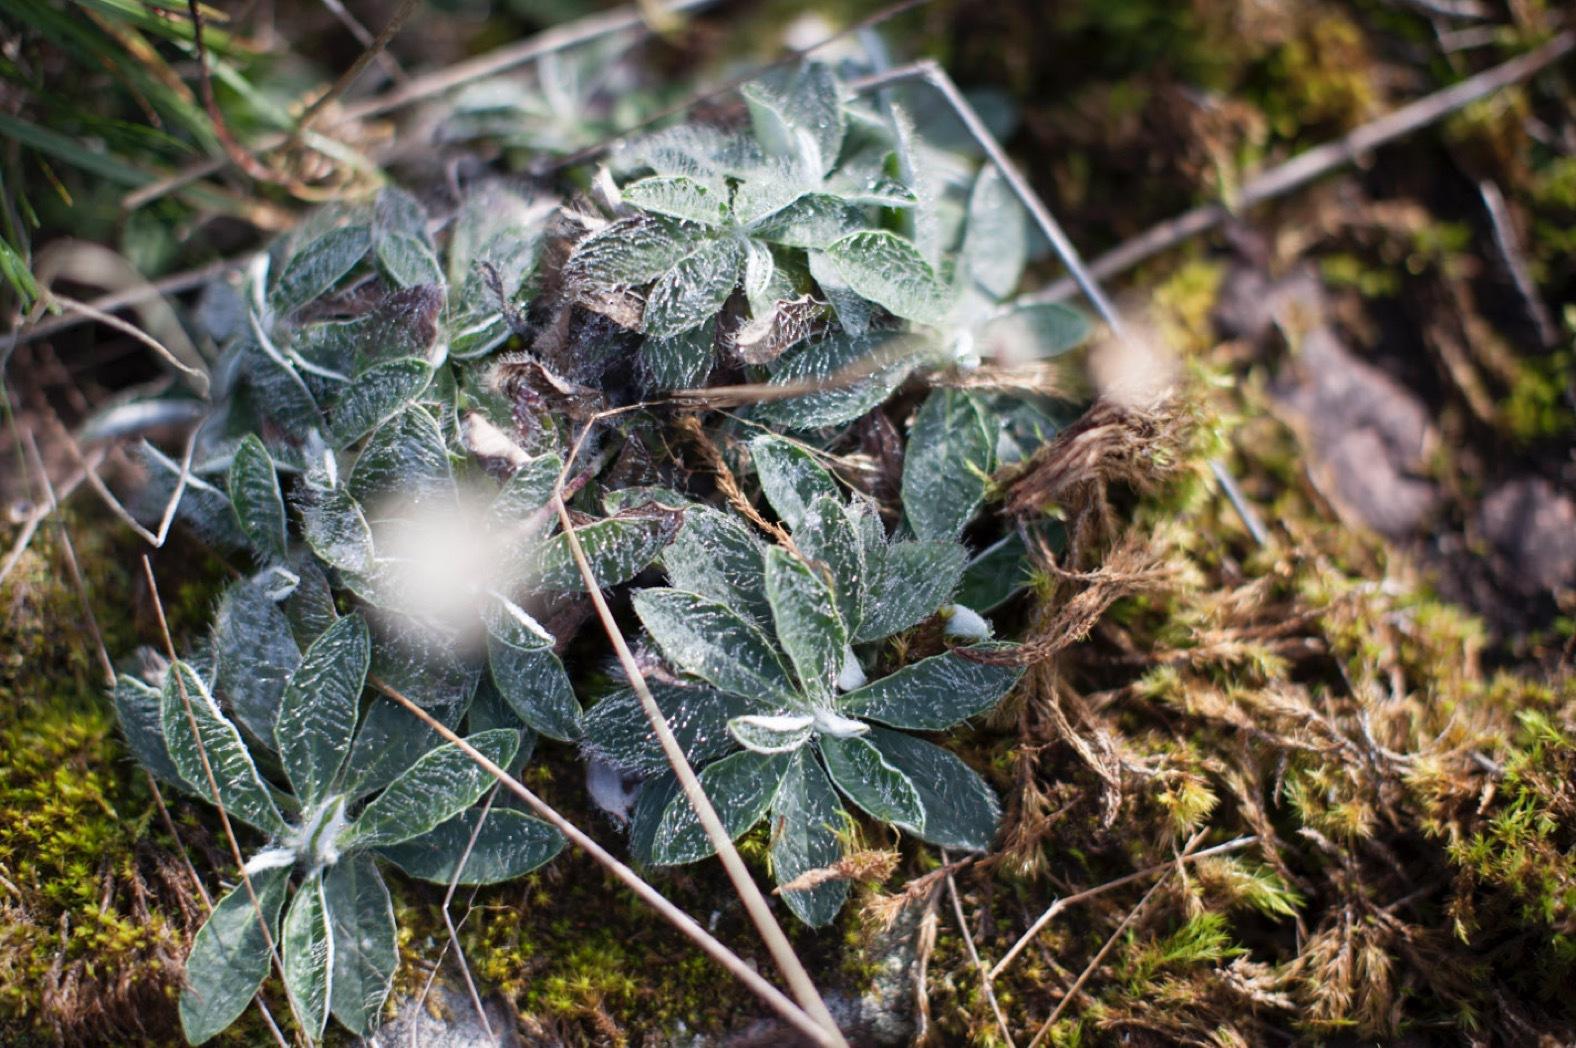 Lumenes nya kroppsserie tar avstamp in den nordiska karga naturen.